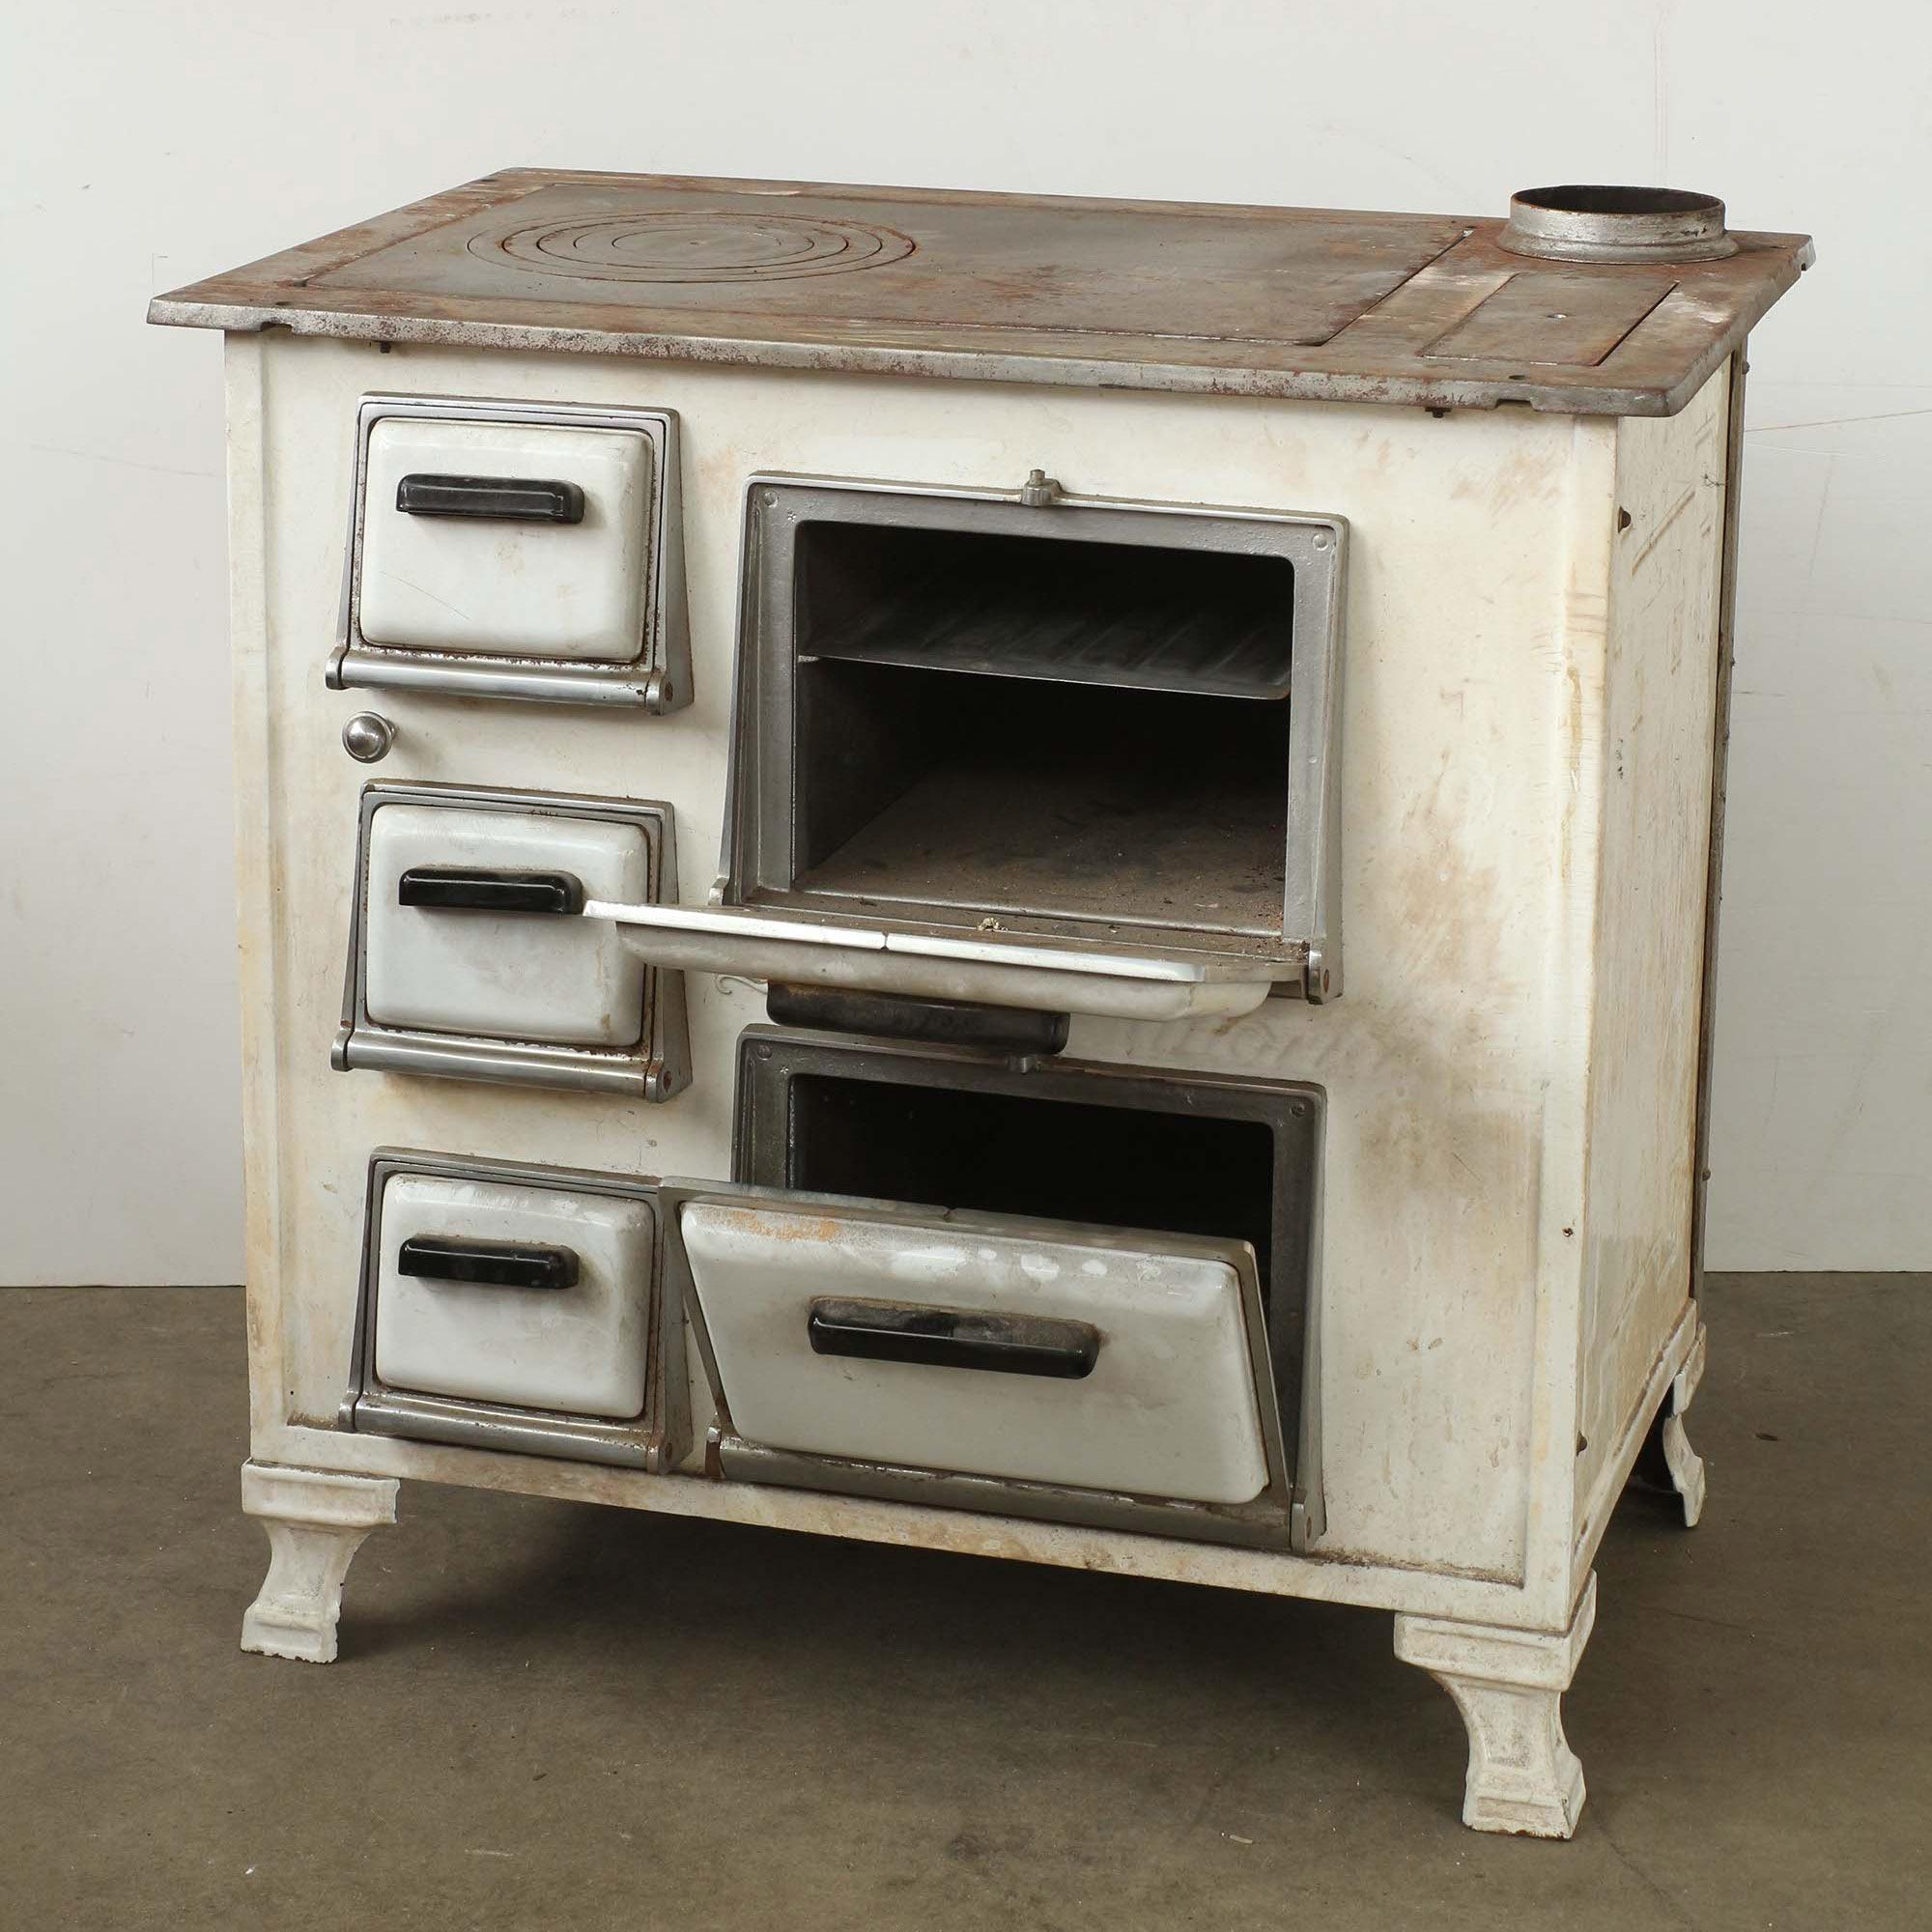 Cucine economiche a legna nordica prezzi decora la tua vita - Cucina a legna prezzi ...